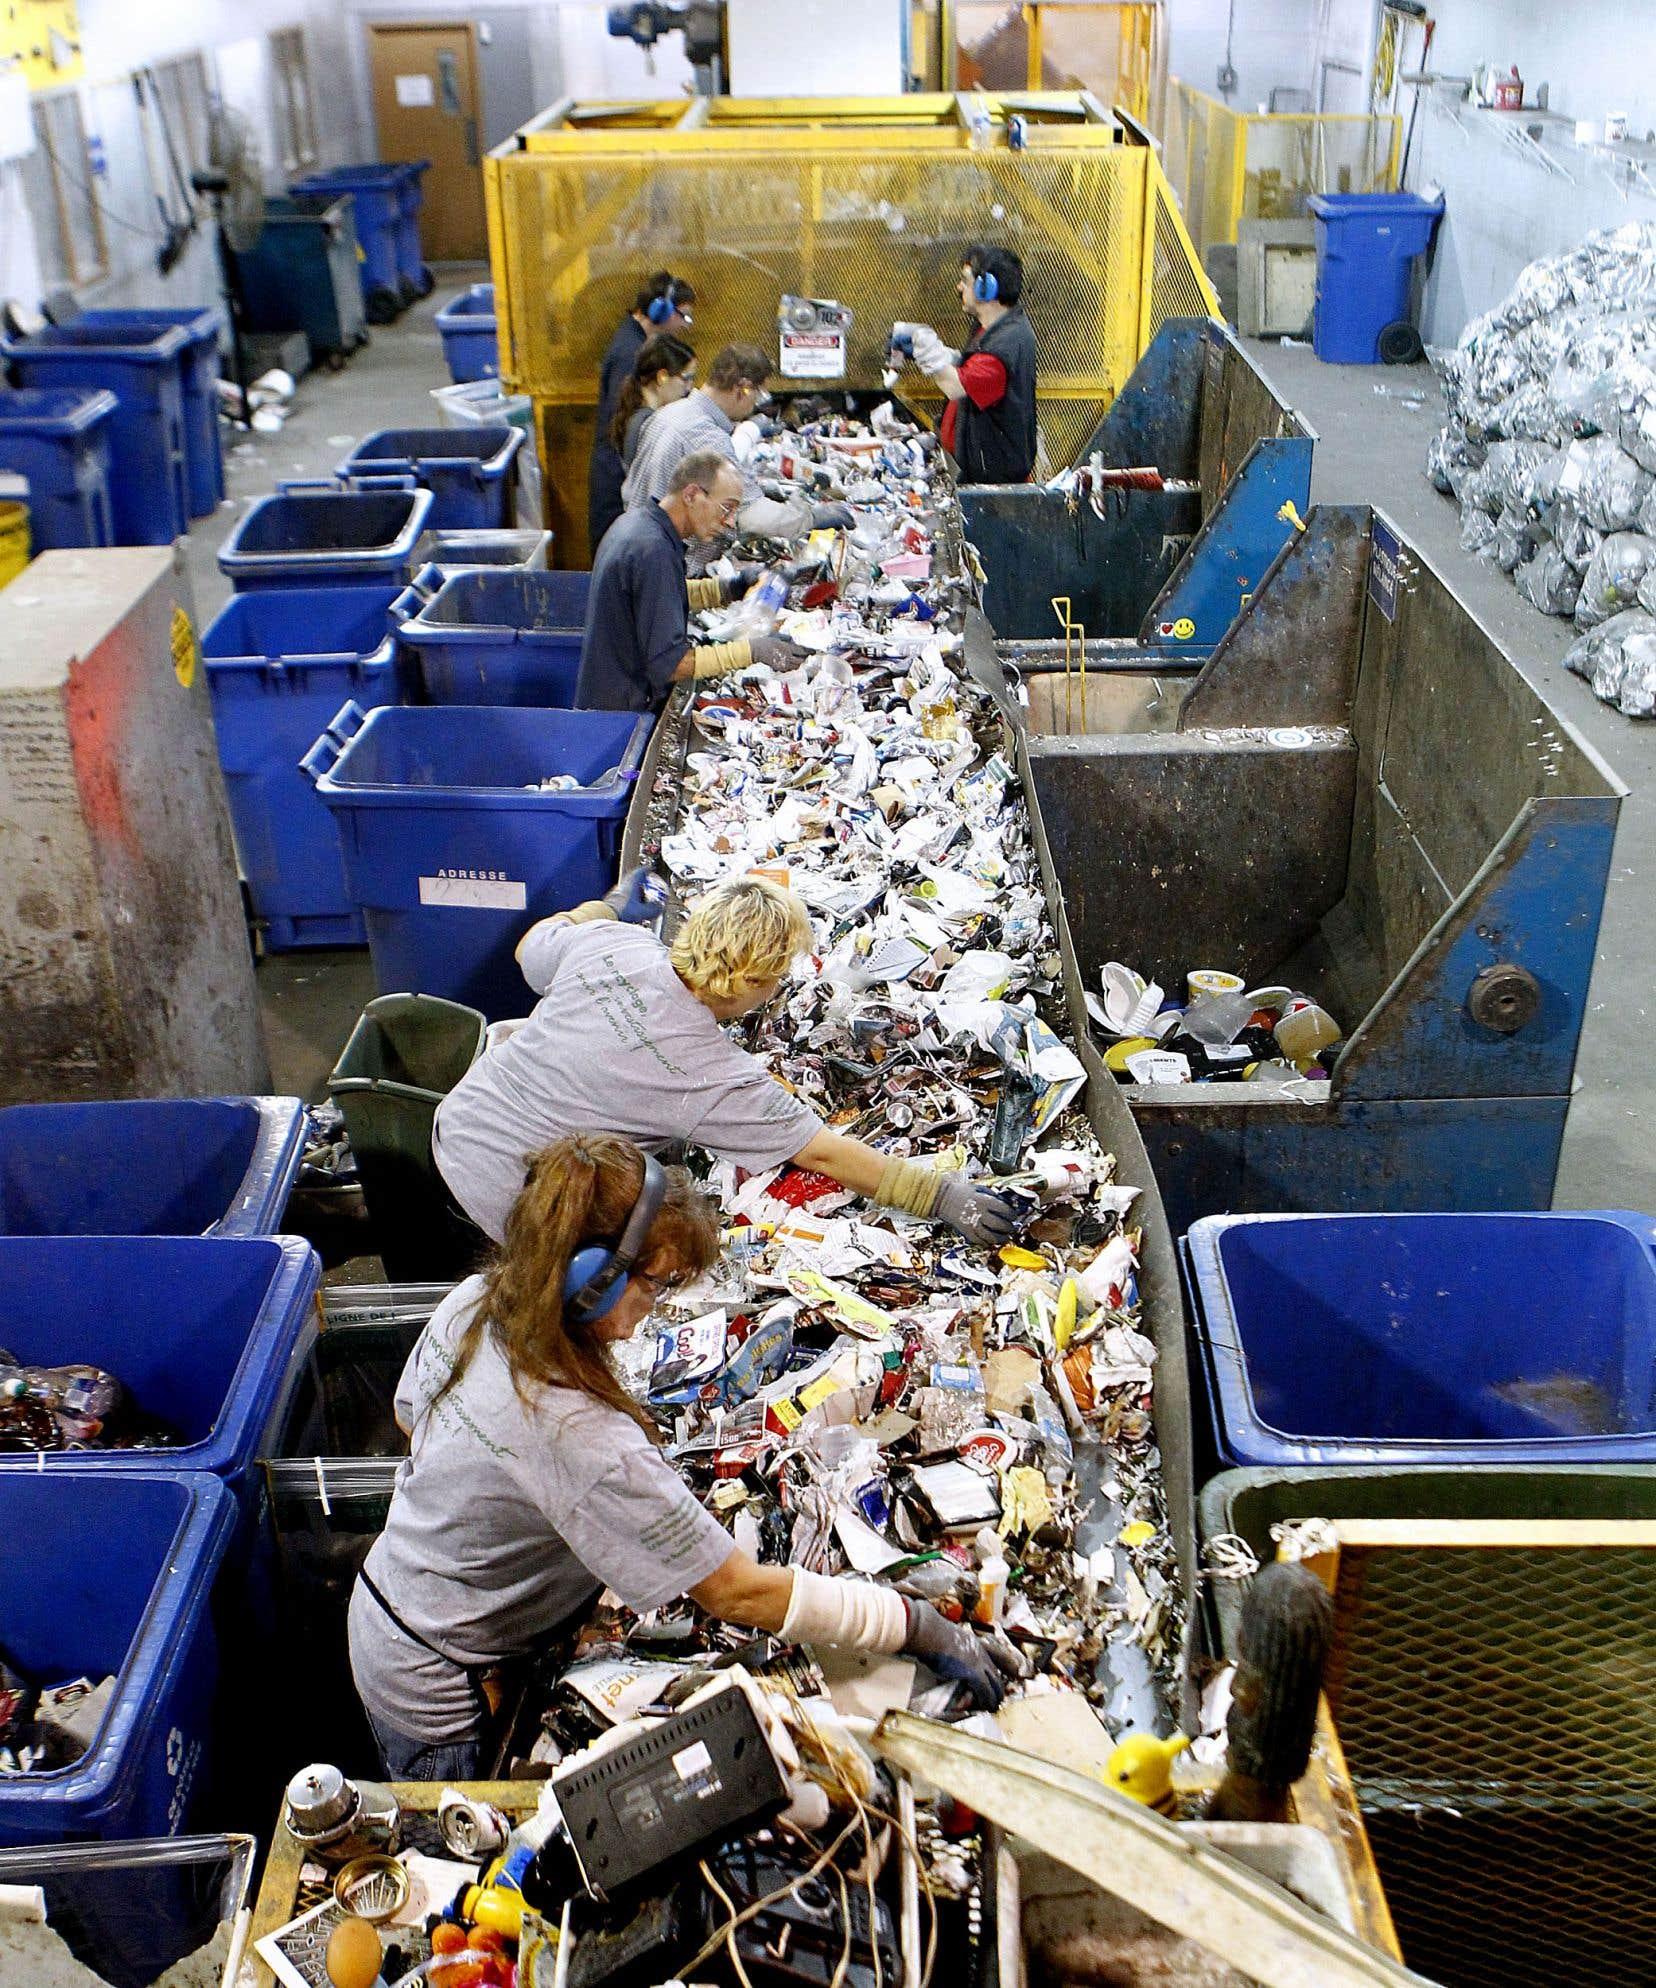 Les plus récentes données disponibles indiquent que plus de 60% des 800000 tonnes de matières récupérées annuellement au Québec sont envoyées à l'extérieur de la province.